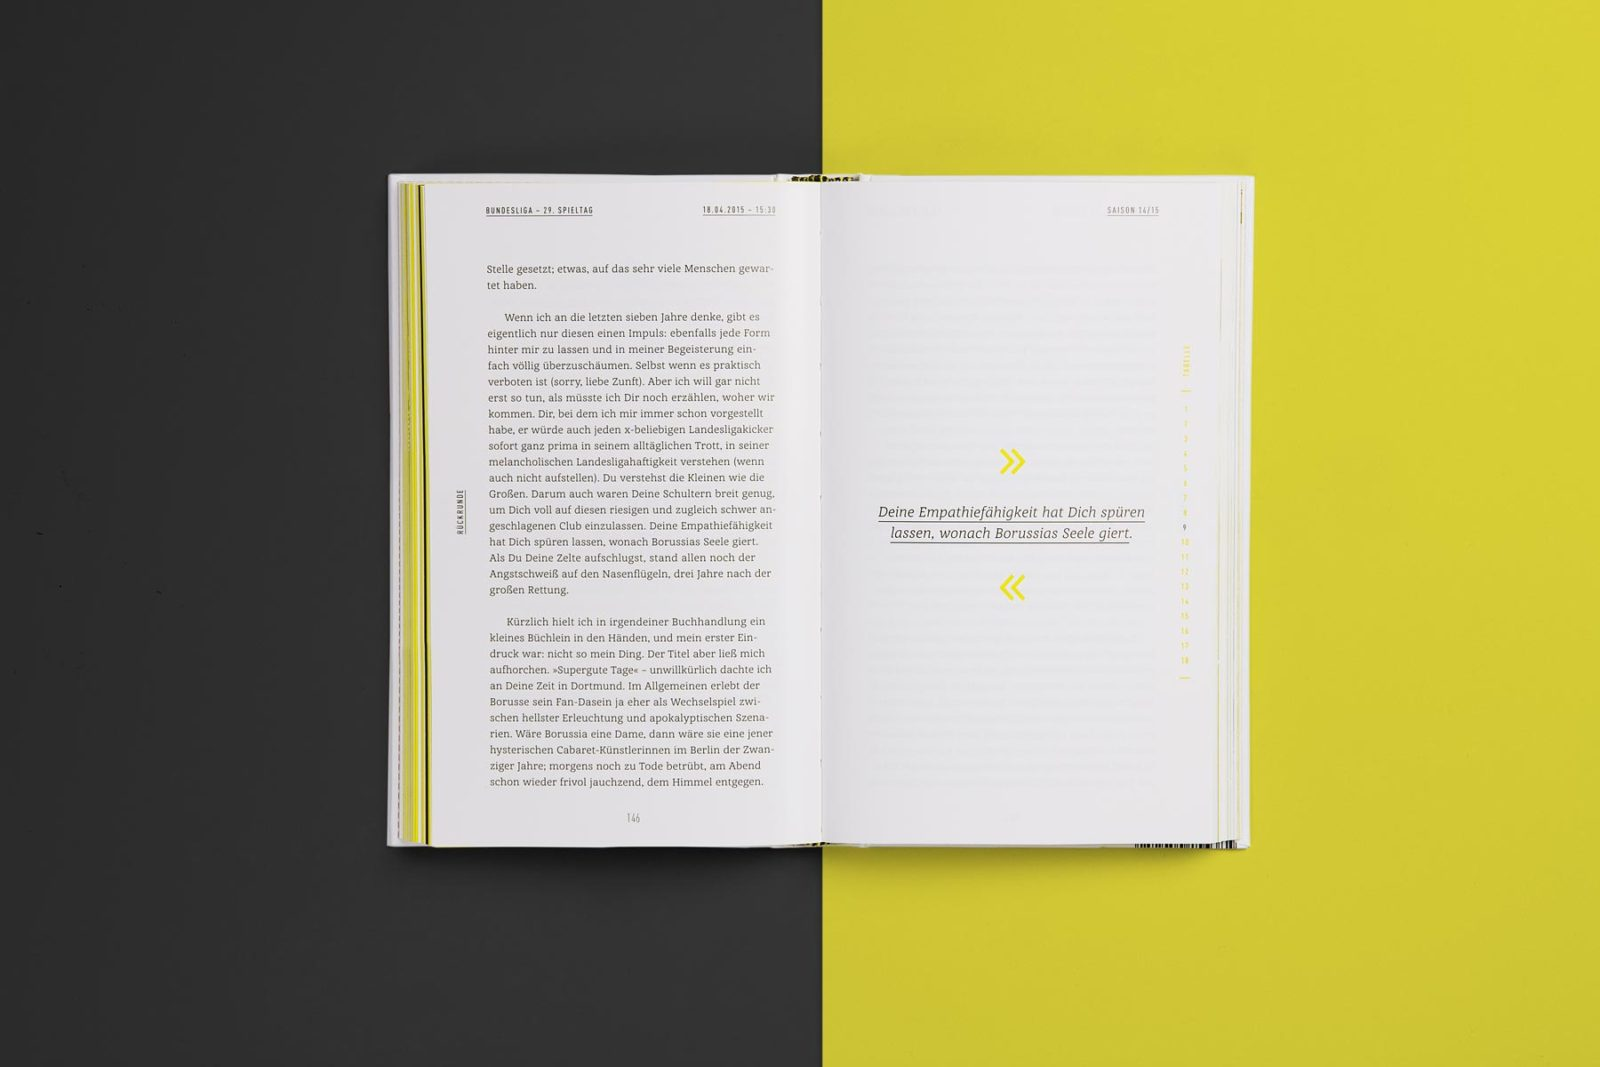 Editienne Grafikdesign - Kommunikationsdesign Berlin- Buchcoverdesign und Buchgestaltung Borussia Dortmund- BVB Buch 13